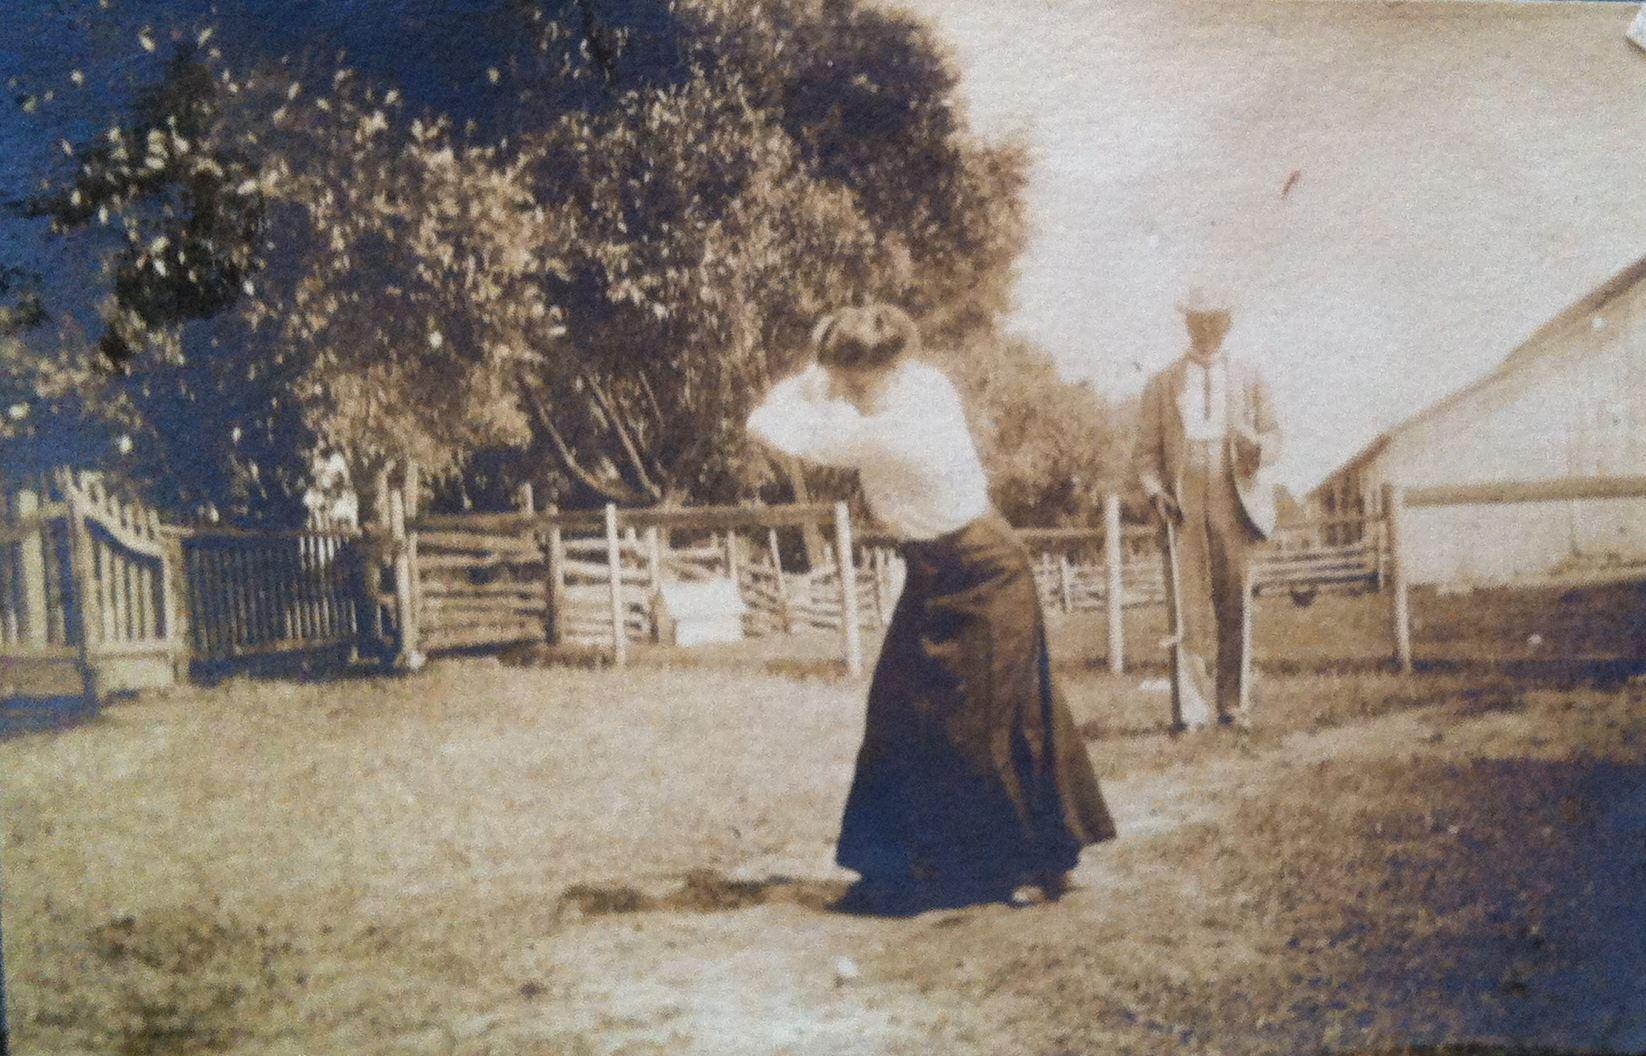 Une femme s'apprête à frapper une balle de golf pendant qu'un homme attend, en retrait.